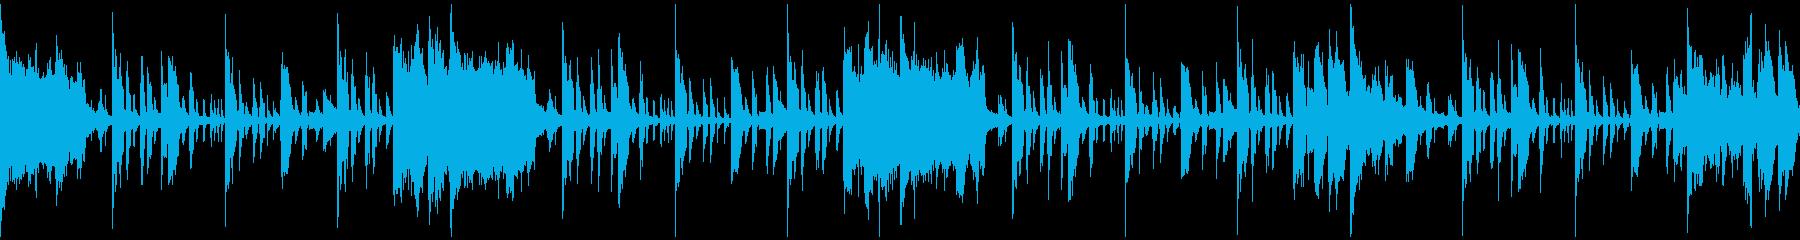 サスペンス調のエレクトロニカループの再生済みの波形